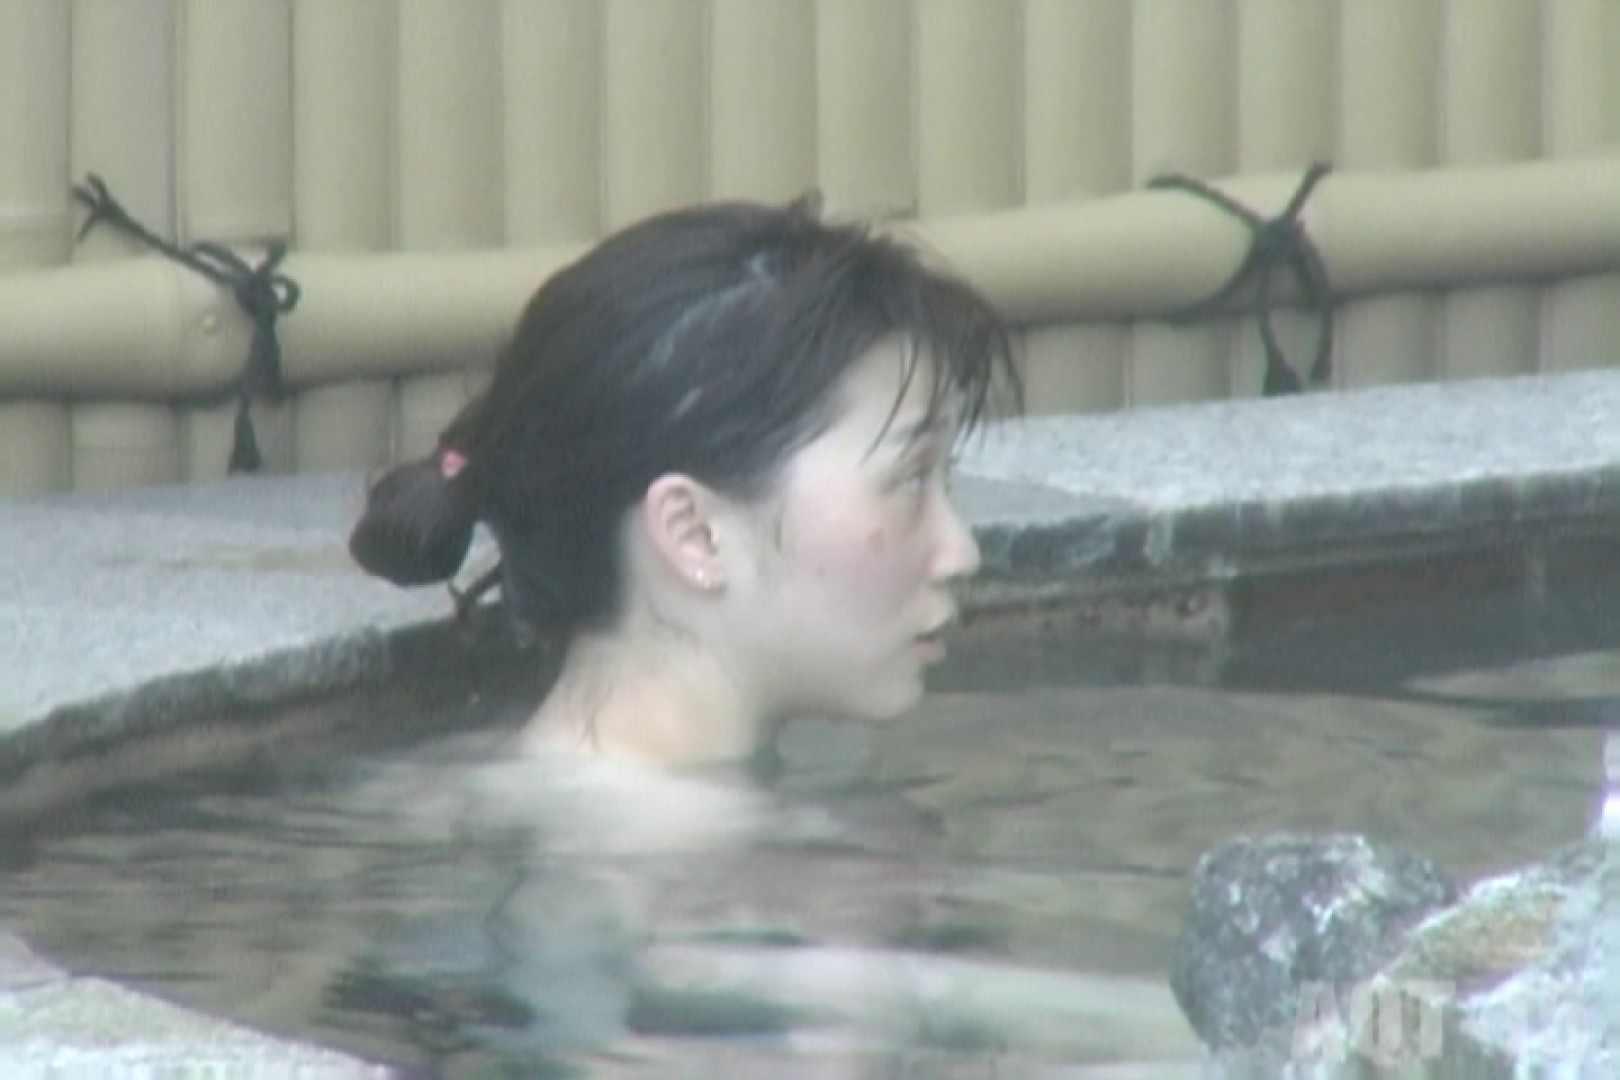 Aquaな露天風呂Vol.831 盗撮 | 露天  75枚 43